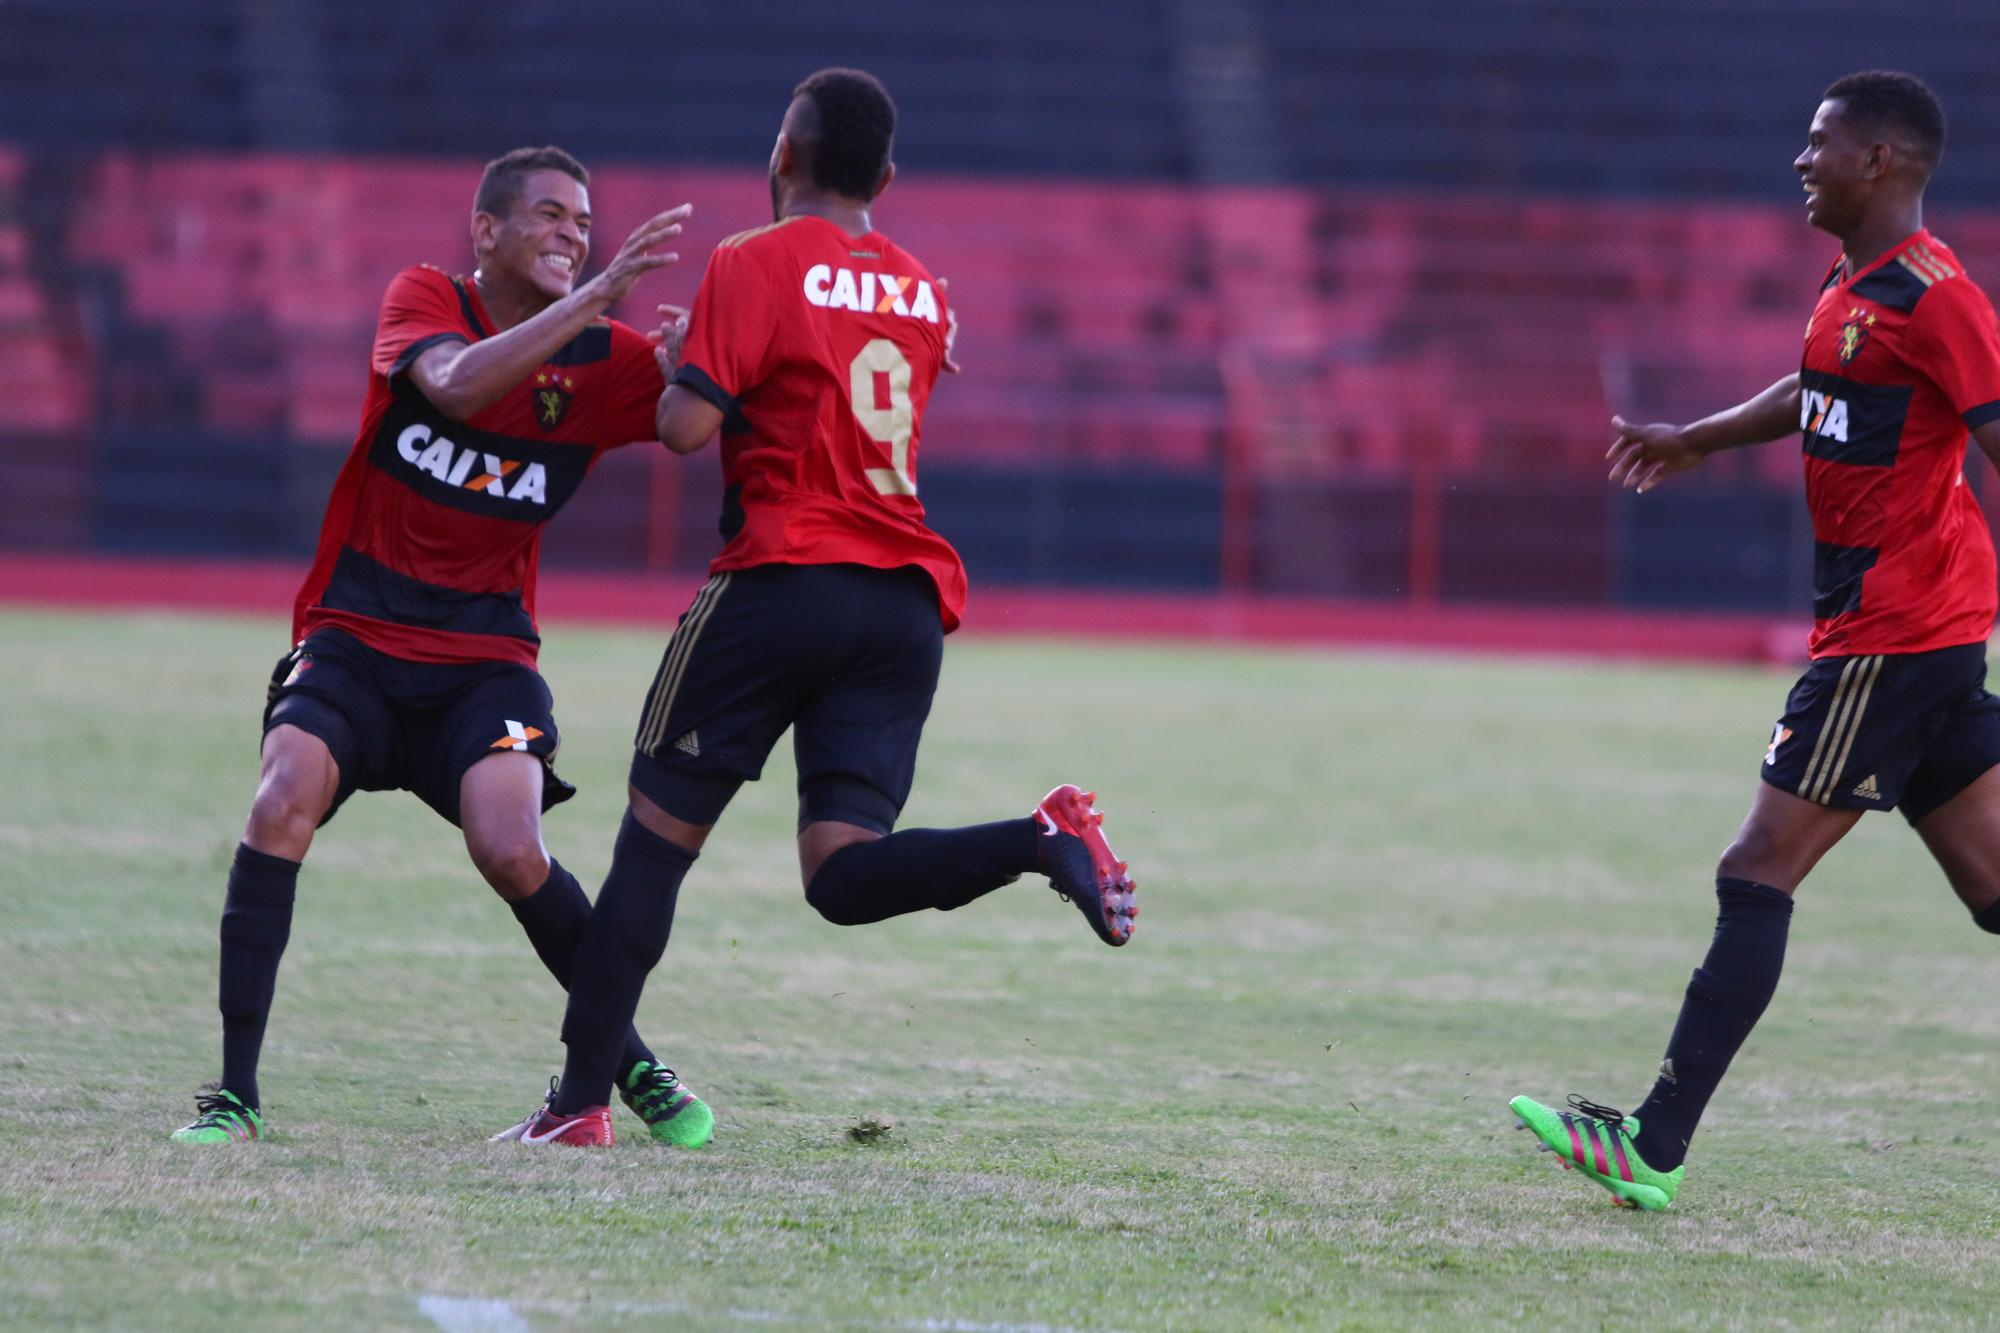 ... Rubro-negros eliminaram o Atlético GO e agora se preparam pra enfrentar  o Corinthians. (Foto  Anderson Freire Sport Club do Recife) f40adf6464285